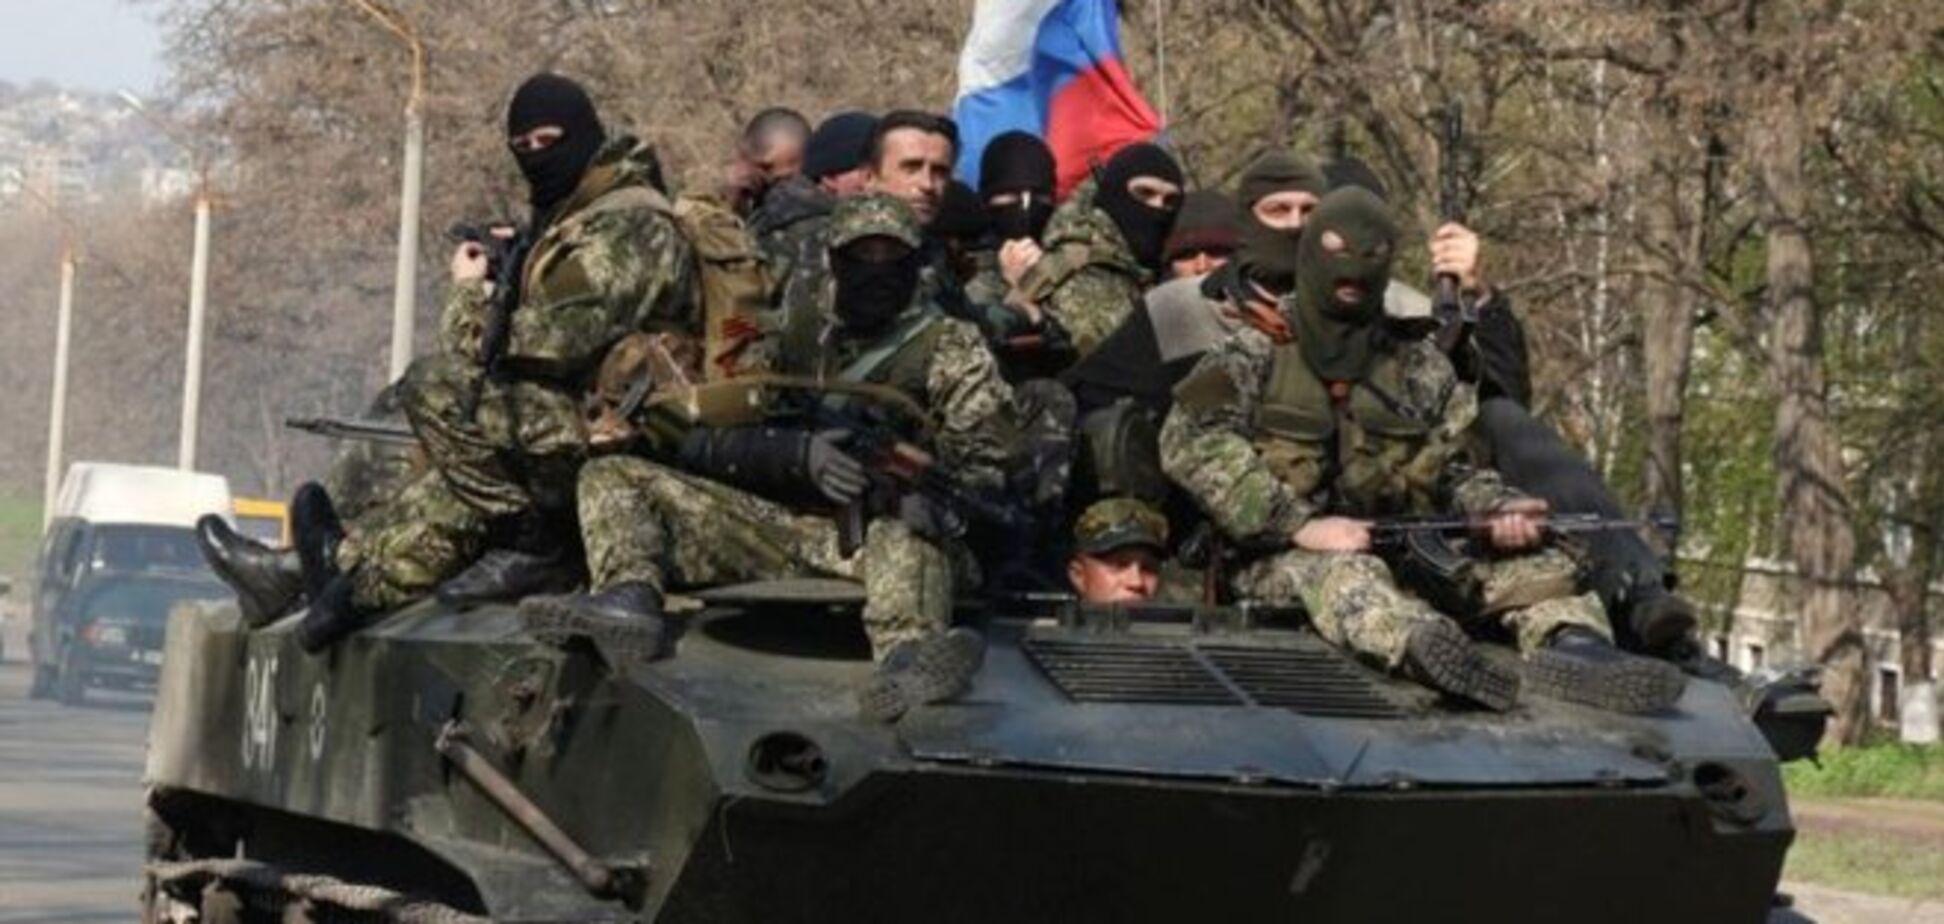 Военный эксперт предупредил об угрозе для Донбасса: Россия приводит войска в боевую готовность